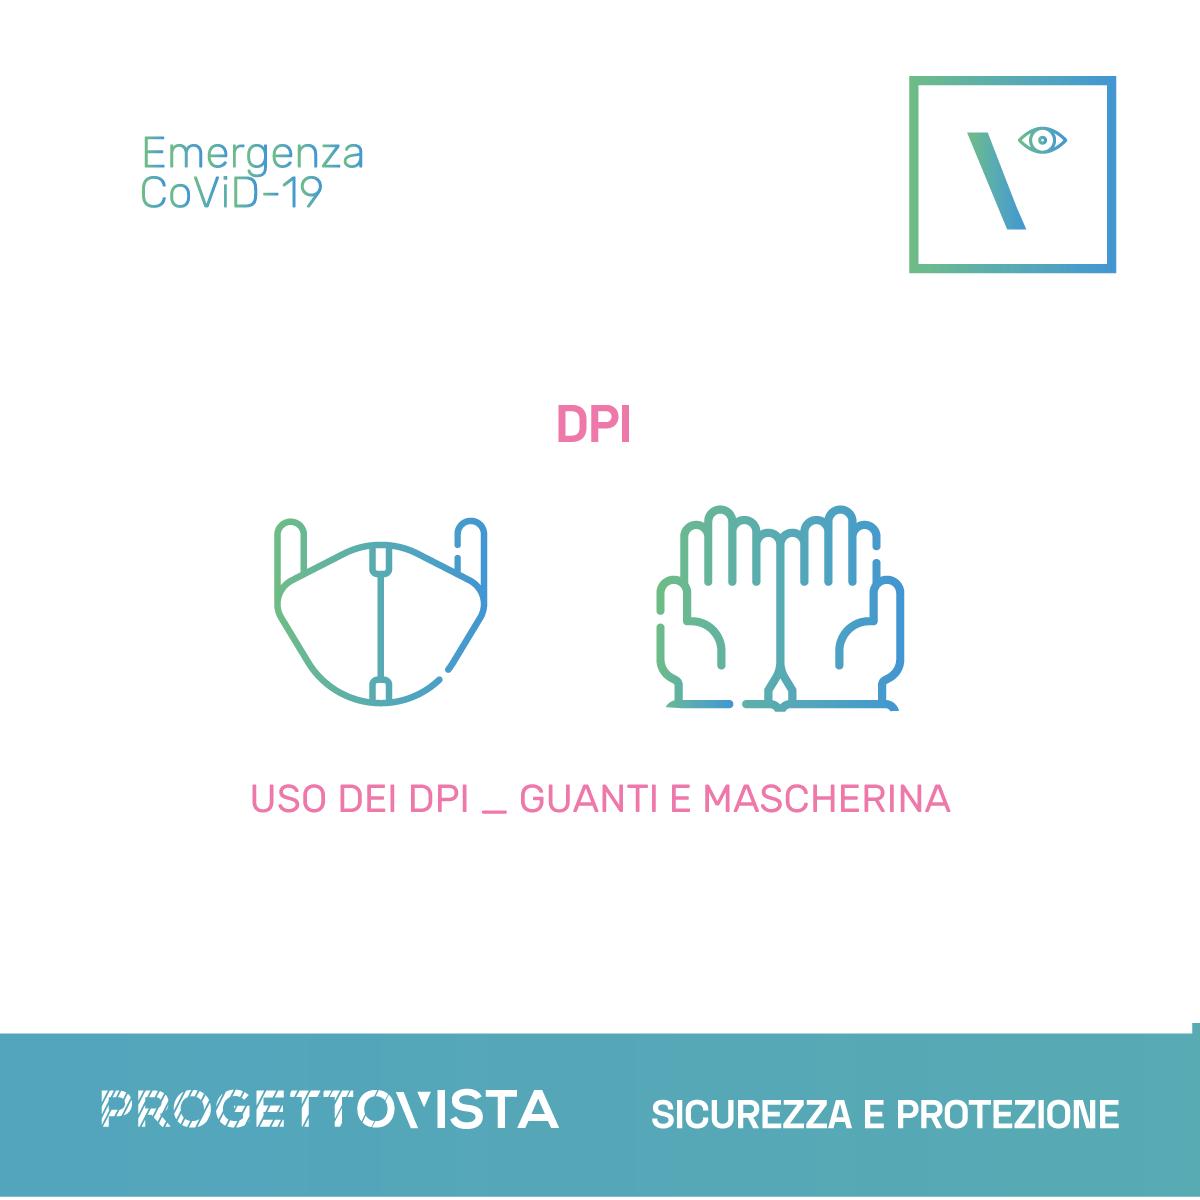 covid 19 Dispositivi sicurezza DPI distanza sociale Mascherina Guanti Schermi di protezione progettovista idee per i tuoi occhi